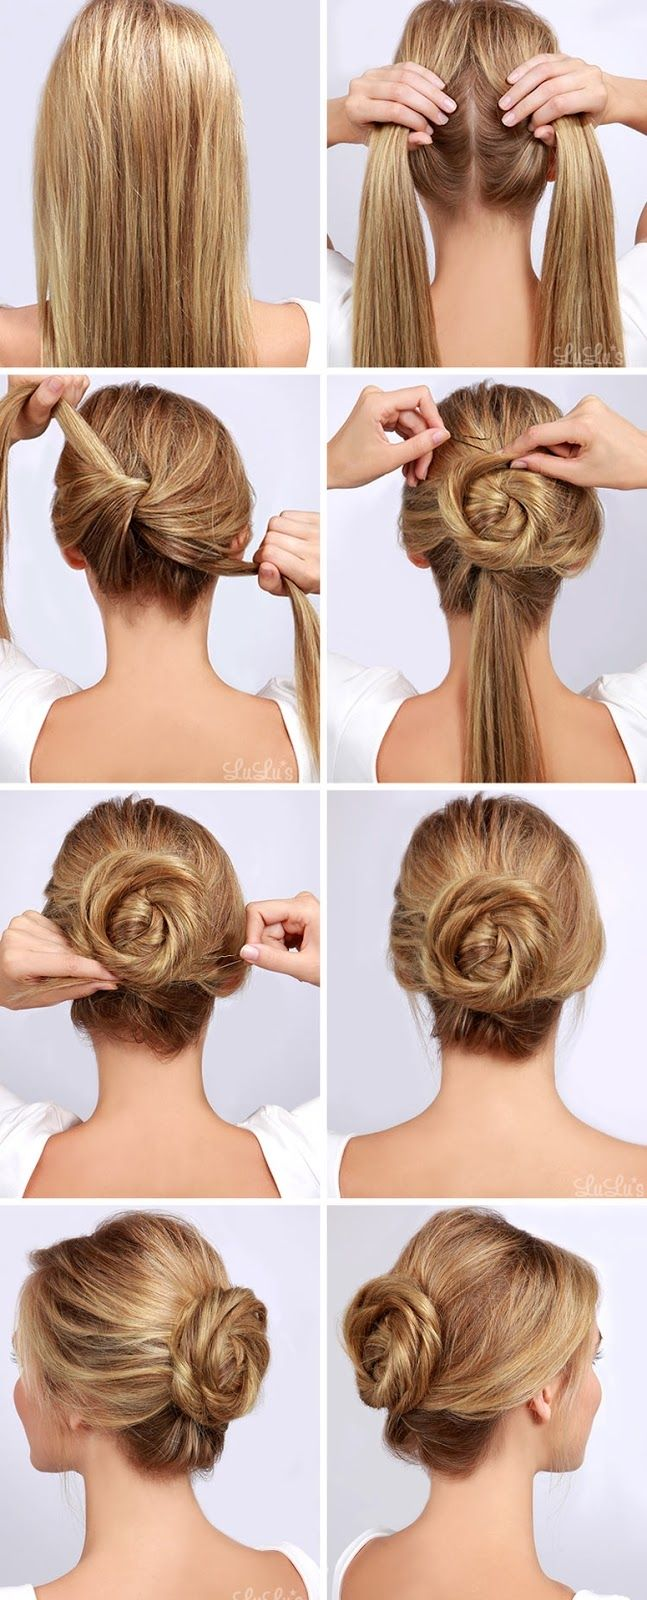 penteados fáceis que você pode fazer em menos de minutos